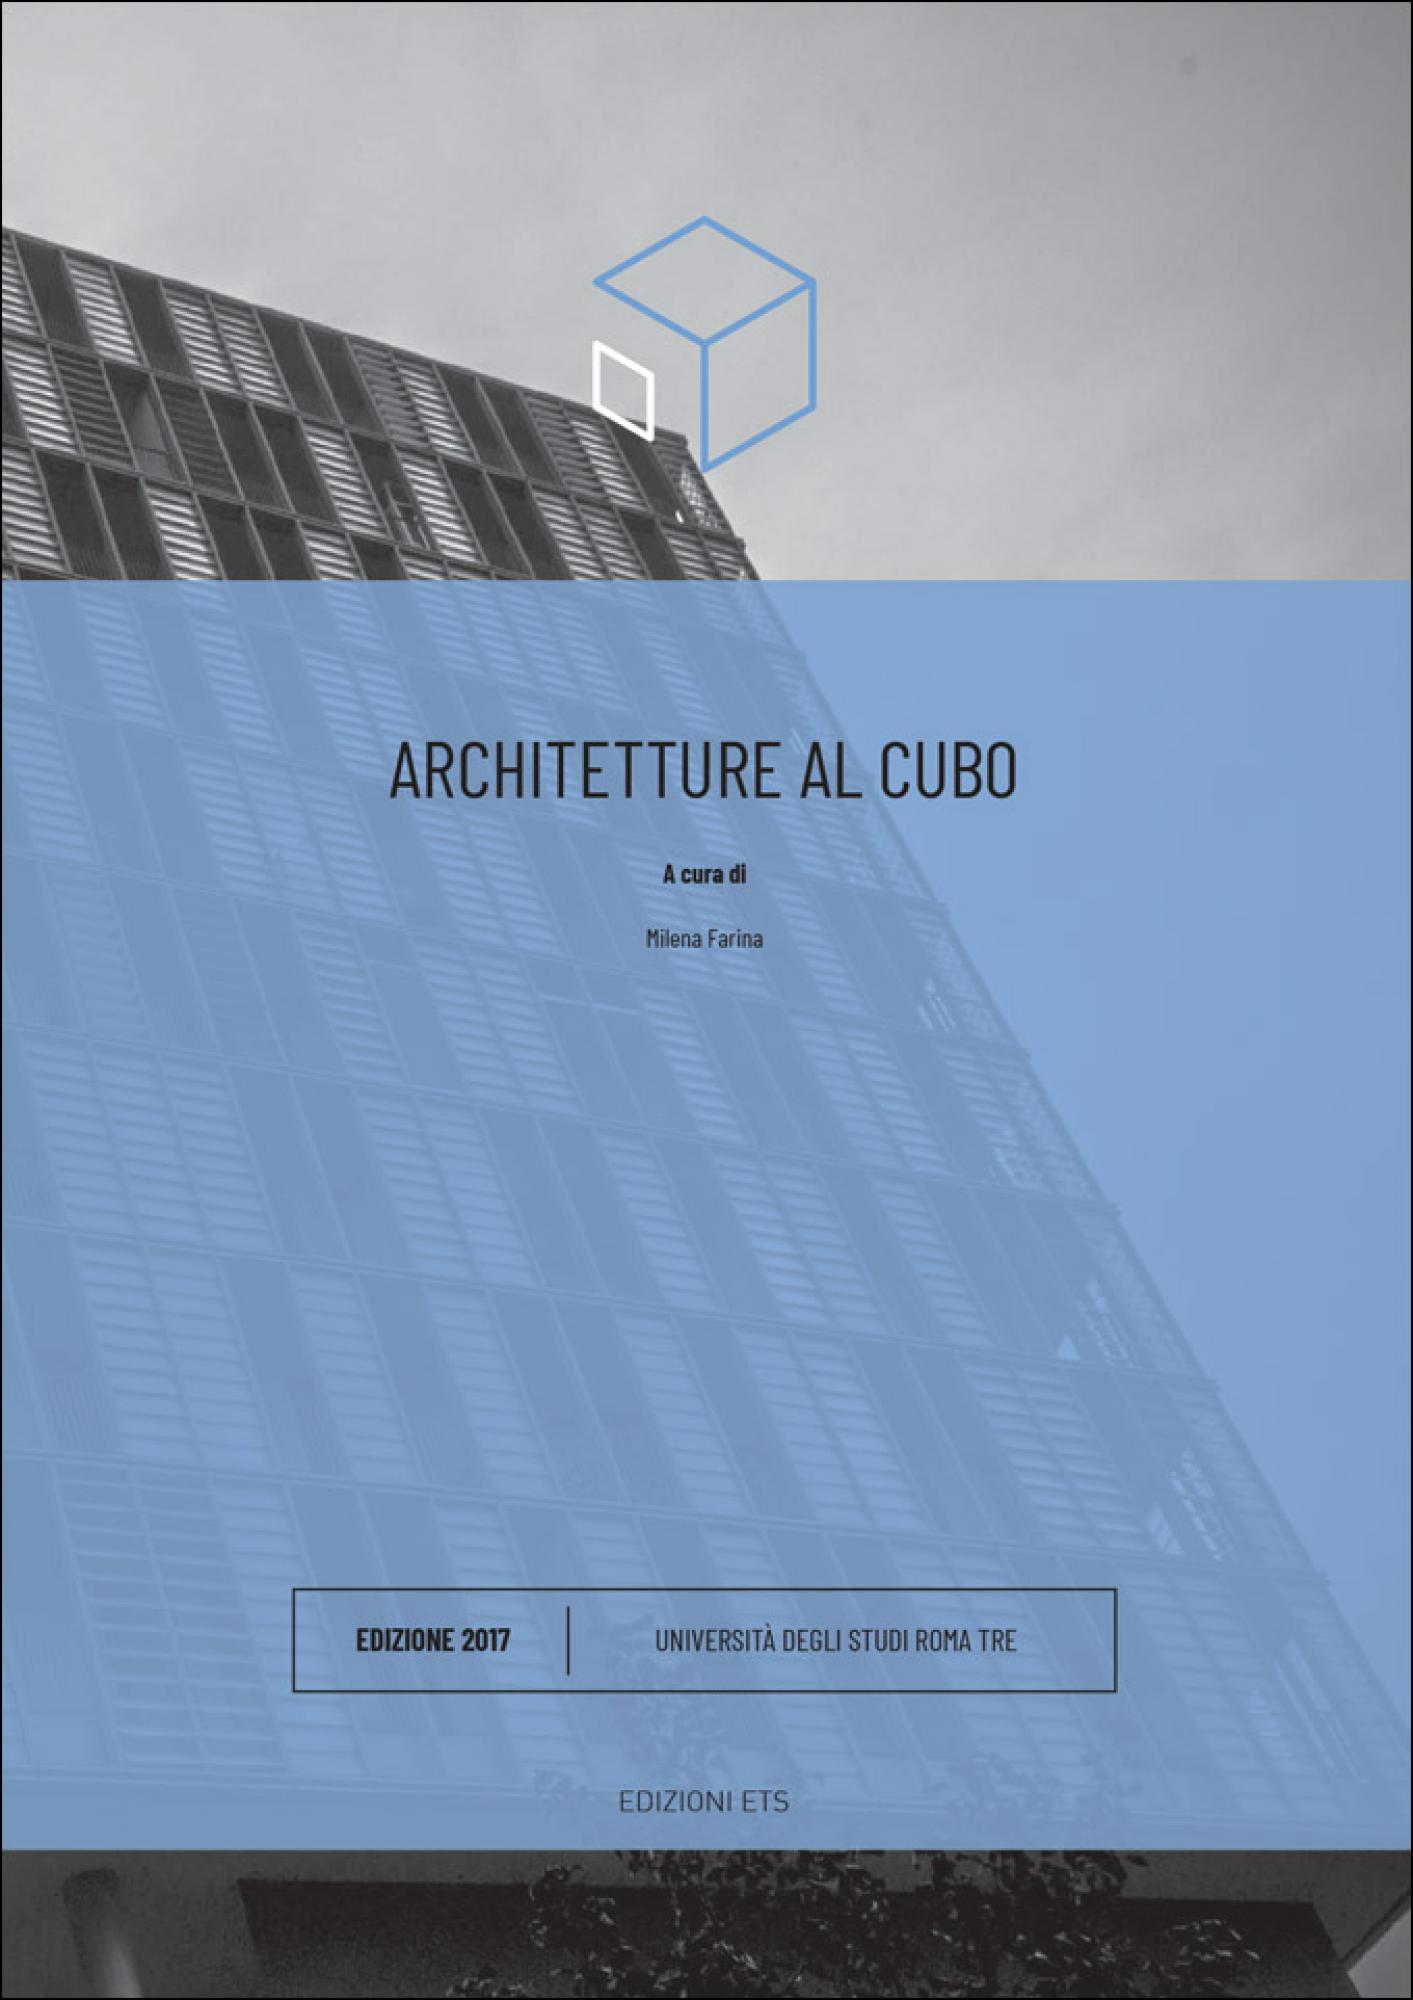 Architetture al cubo.Edizione 2017